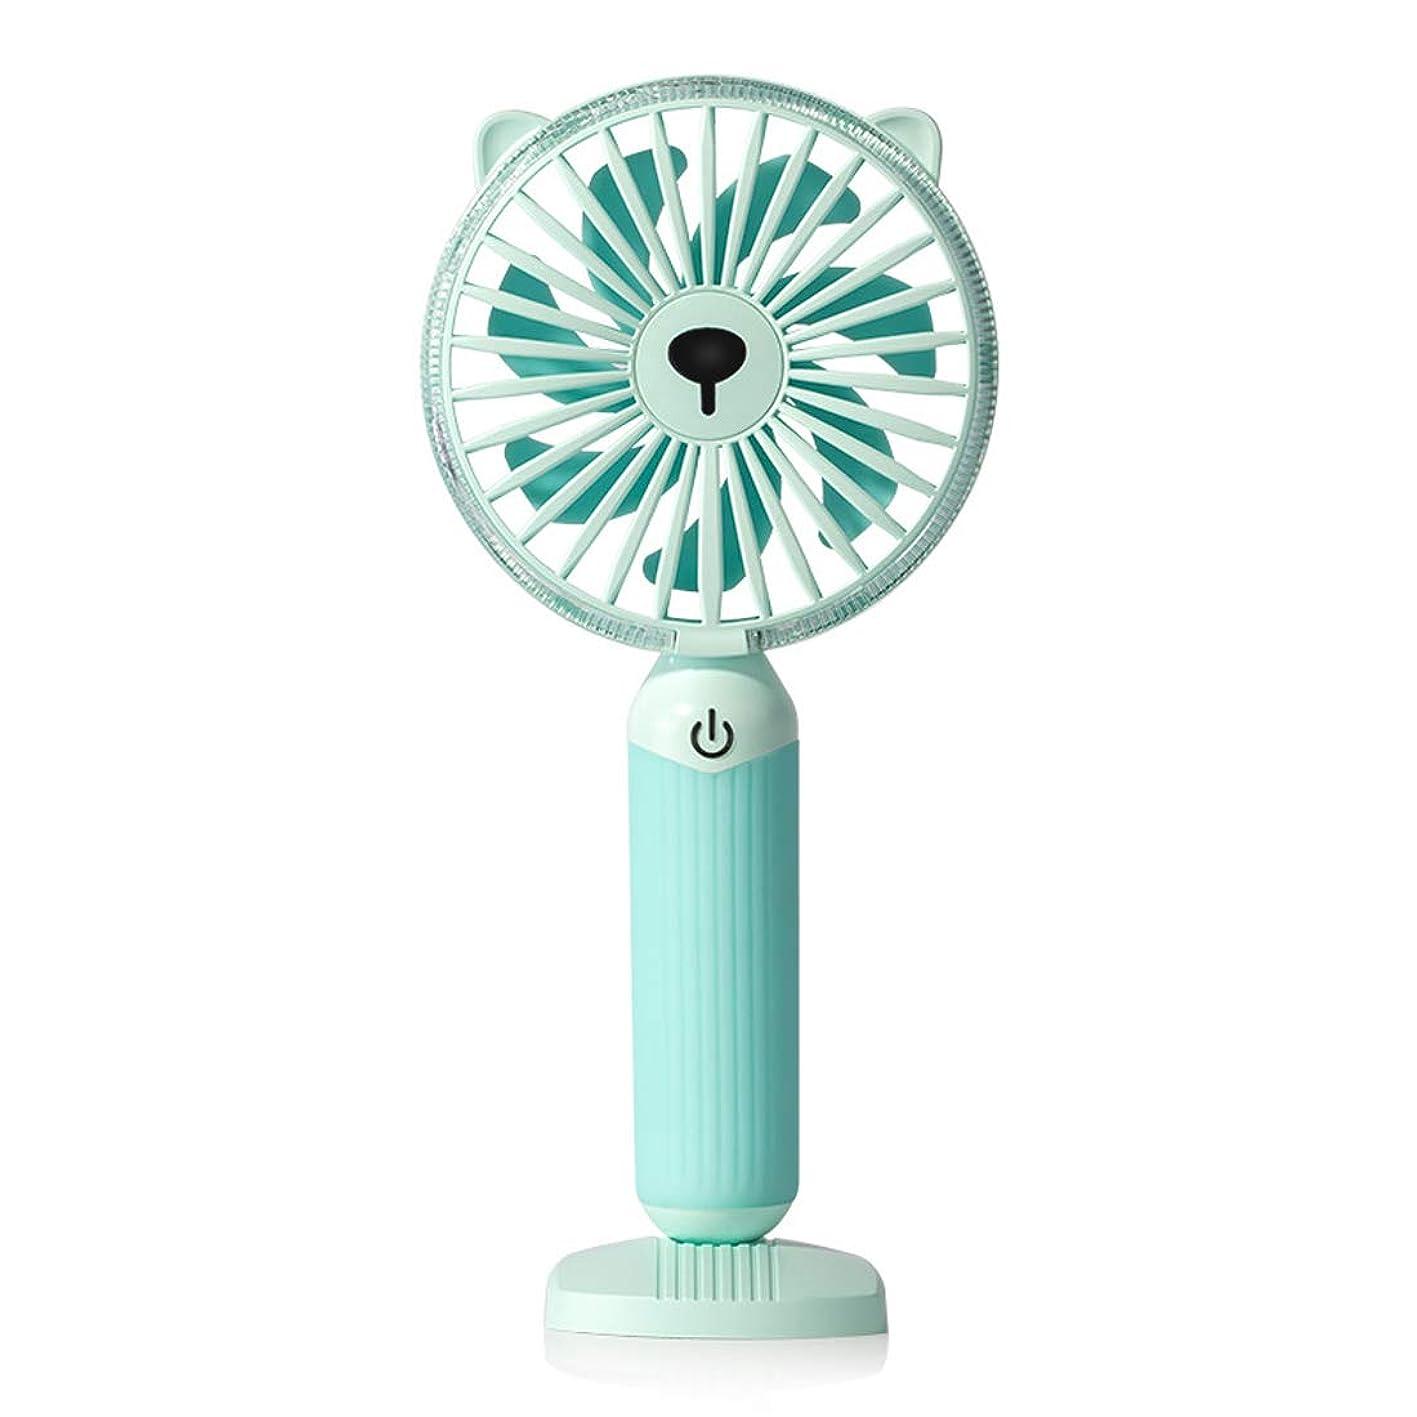 Dollcora Cute Mini USB Fan, 3 Adjustable Speed Handheld Fan Powerful Portable Adjustable Fan with LED Lighting USB Handheld Fan (Blue) ktjrrvzsvjp926